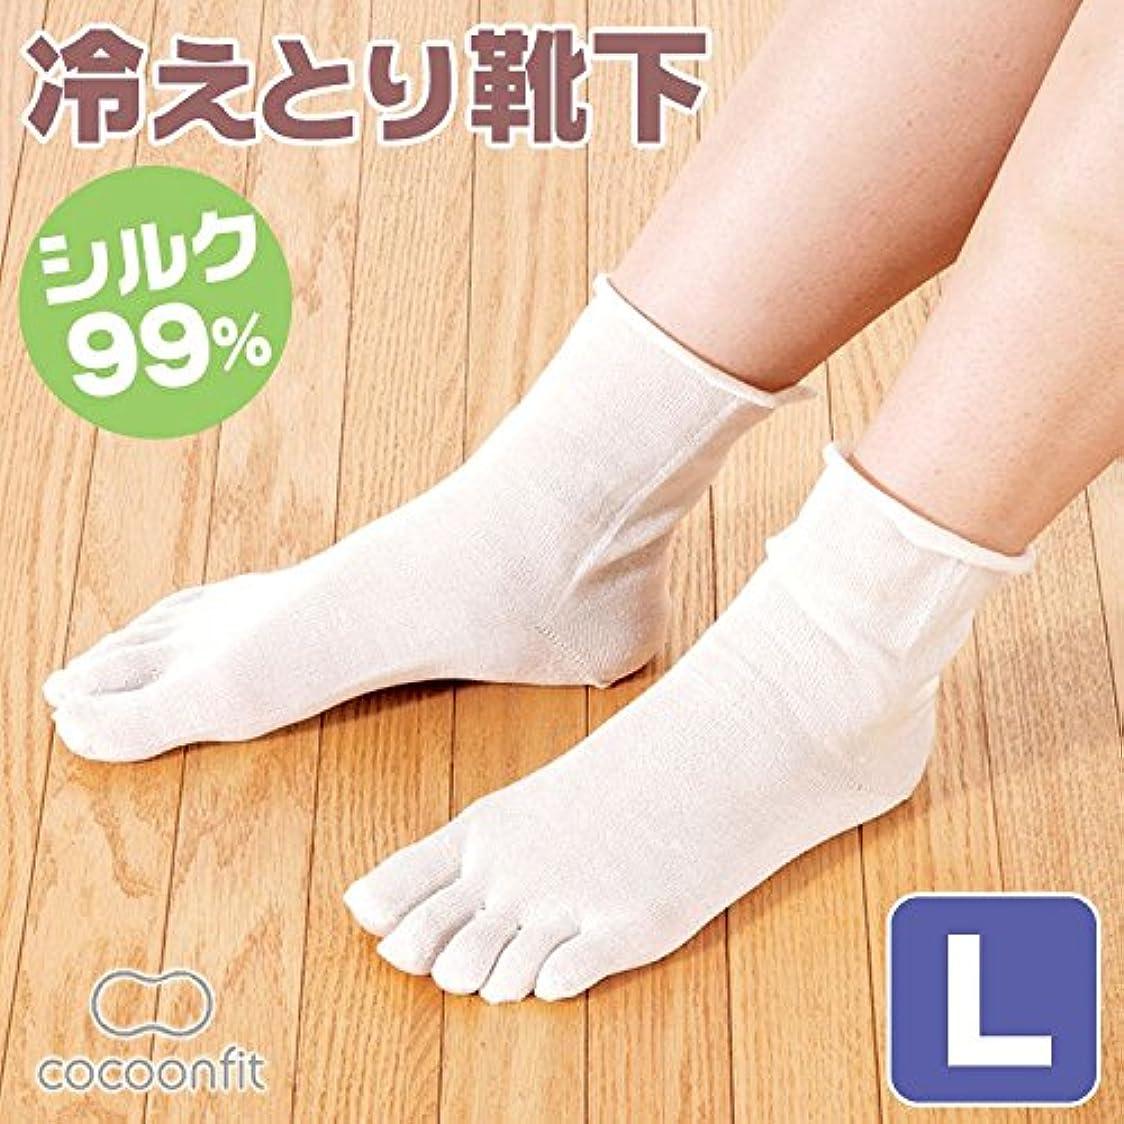 冷え取り靴下 5本指ソックス シルク[Lサイズ:25~27cm] ※重ね履き靴下の1枚目のみ cocoonfit